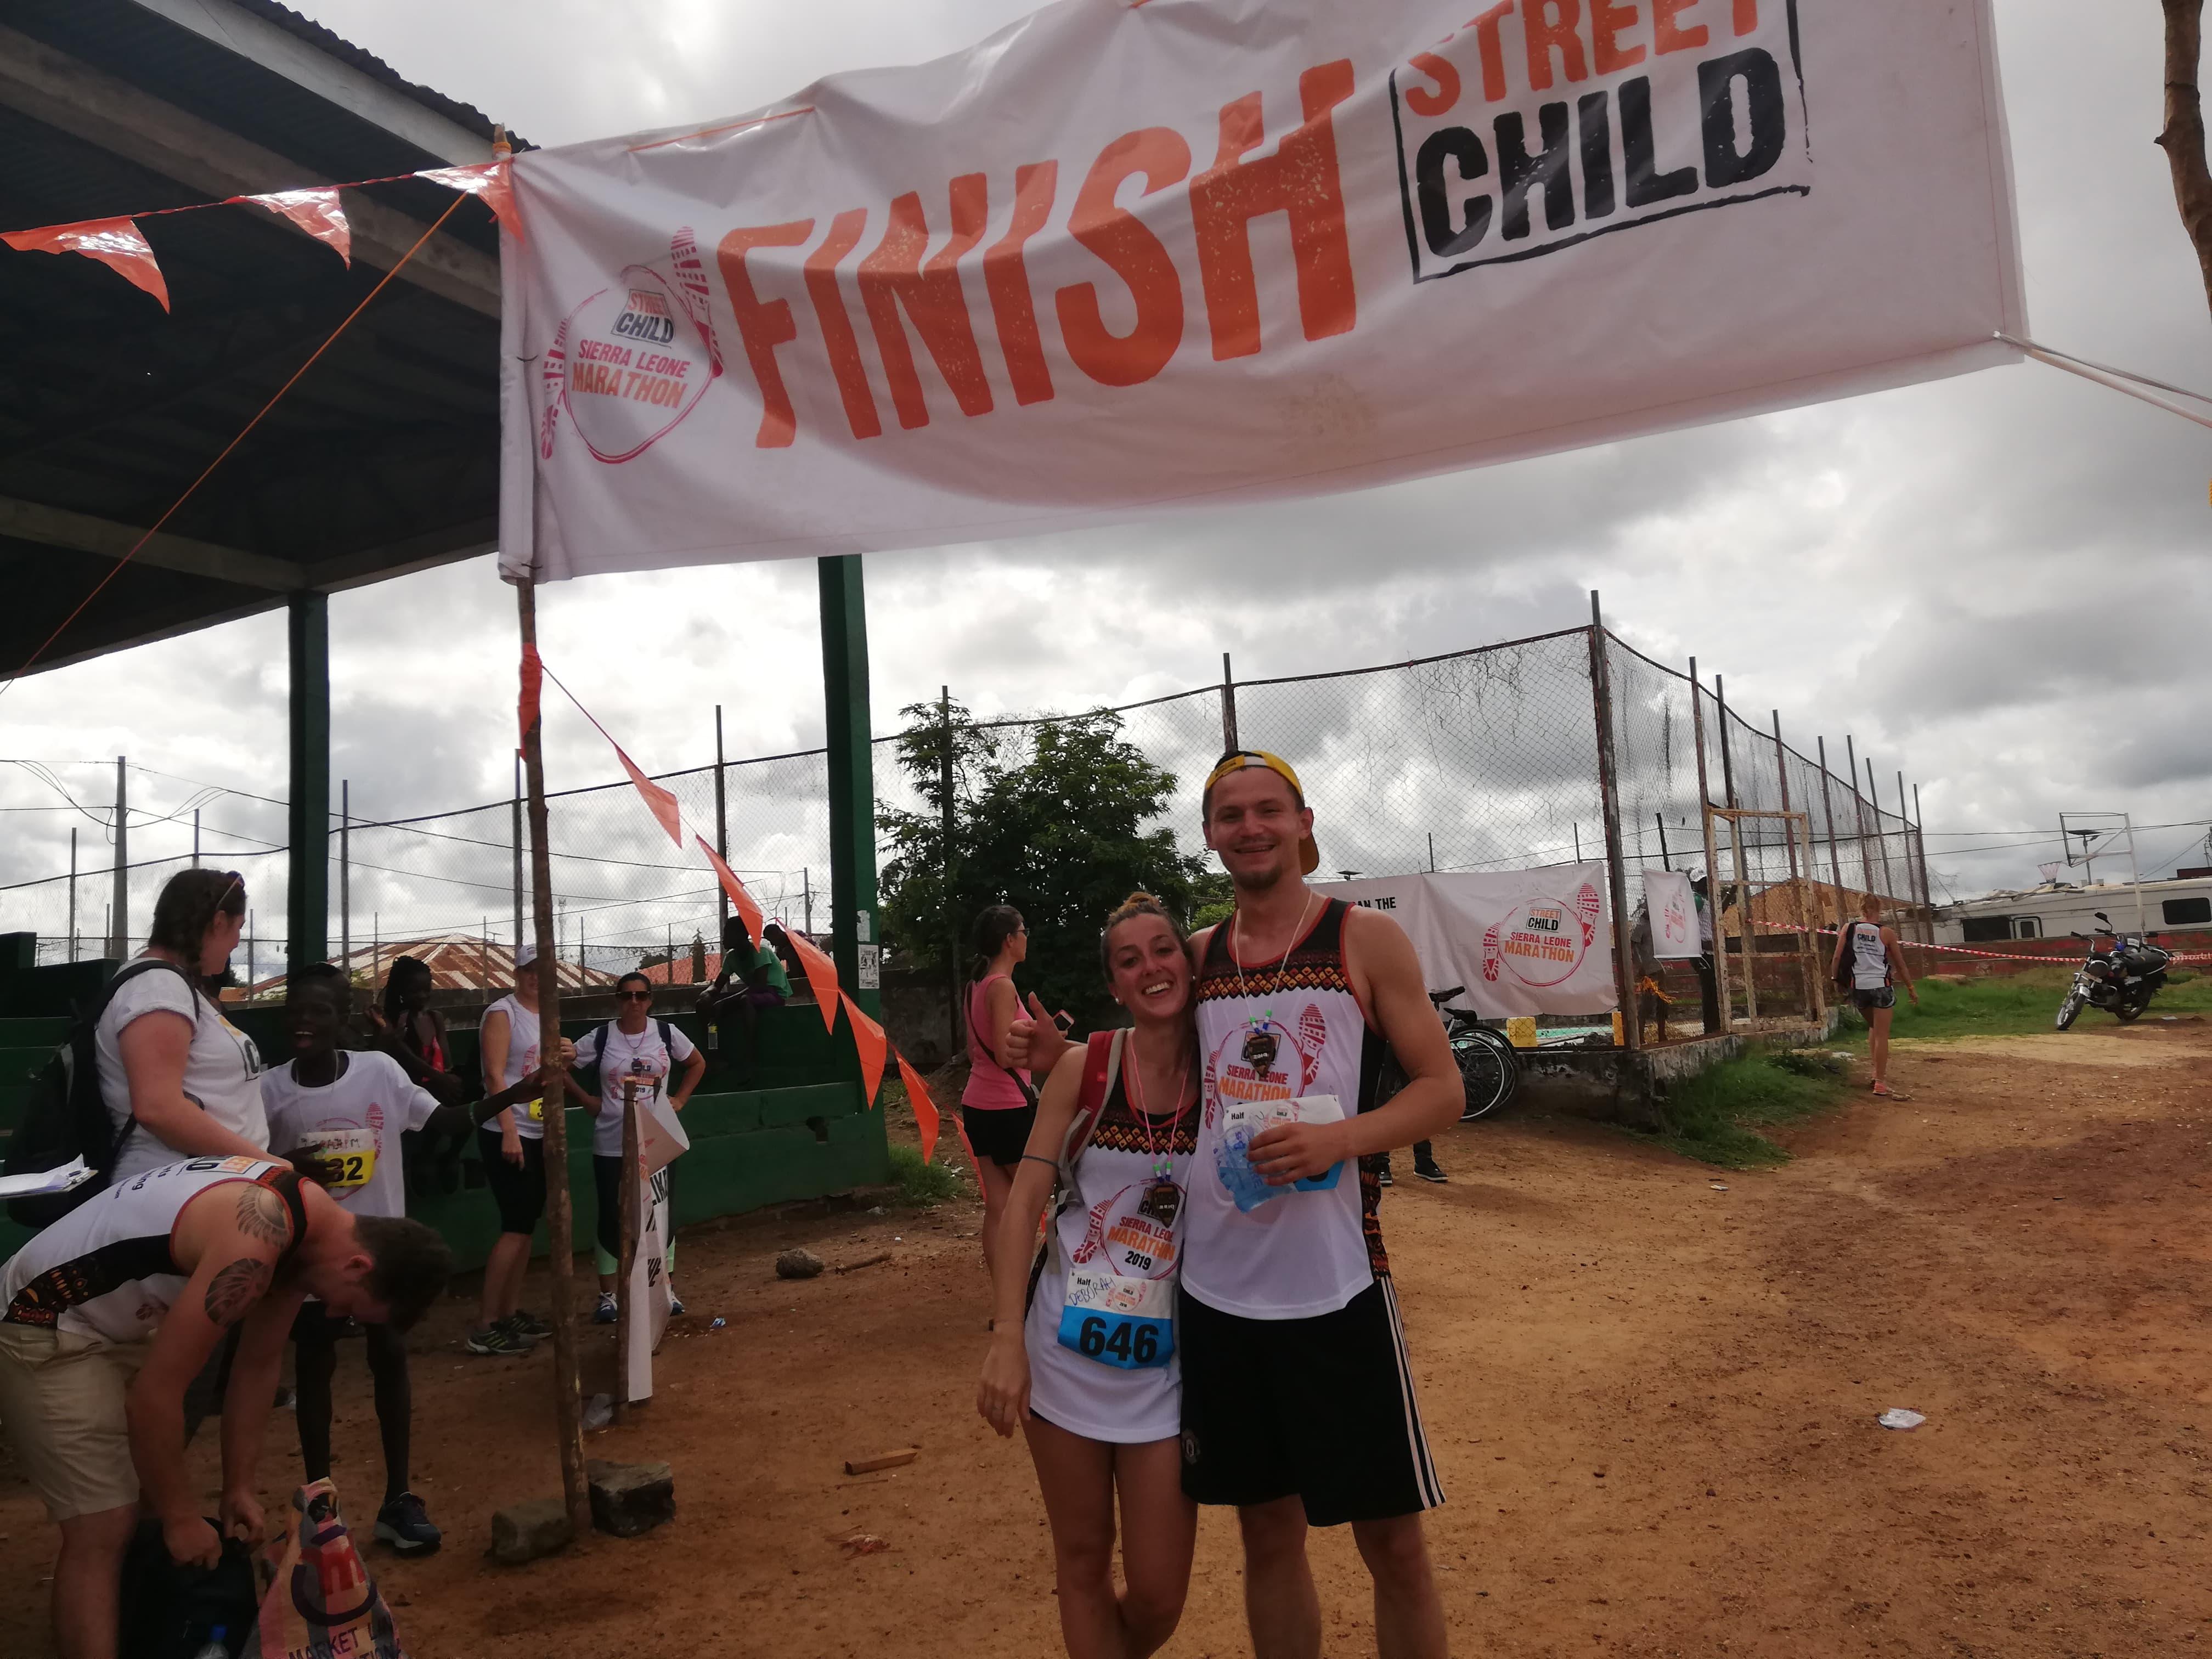 Our intern battles the heat in Sierra Leone Marathon to help fund schools